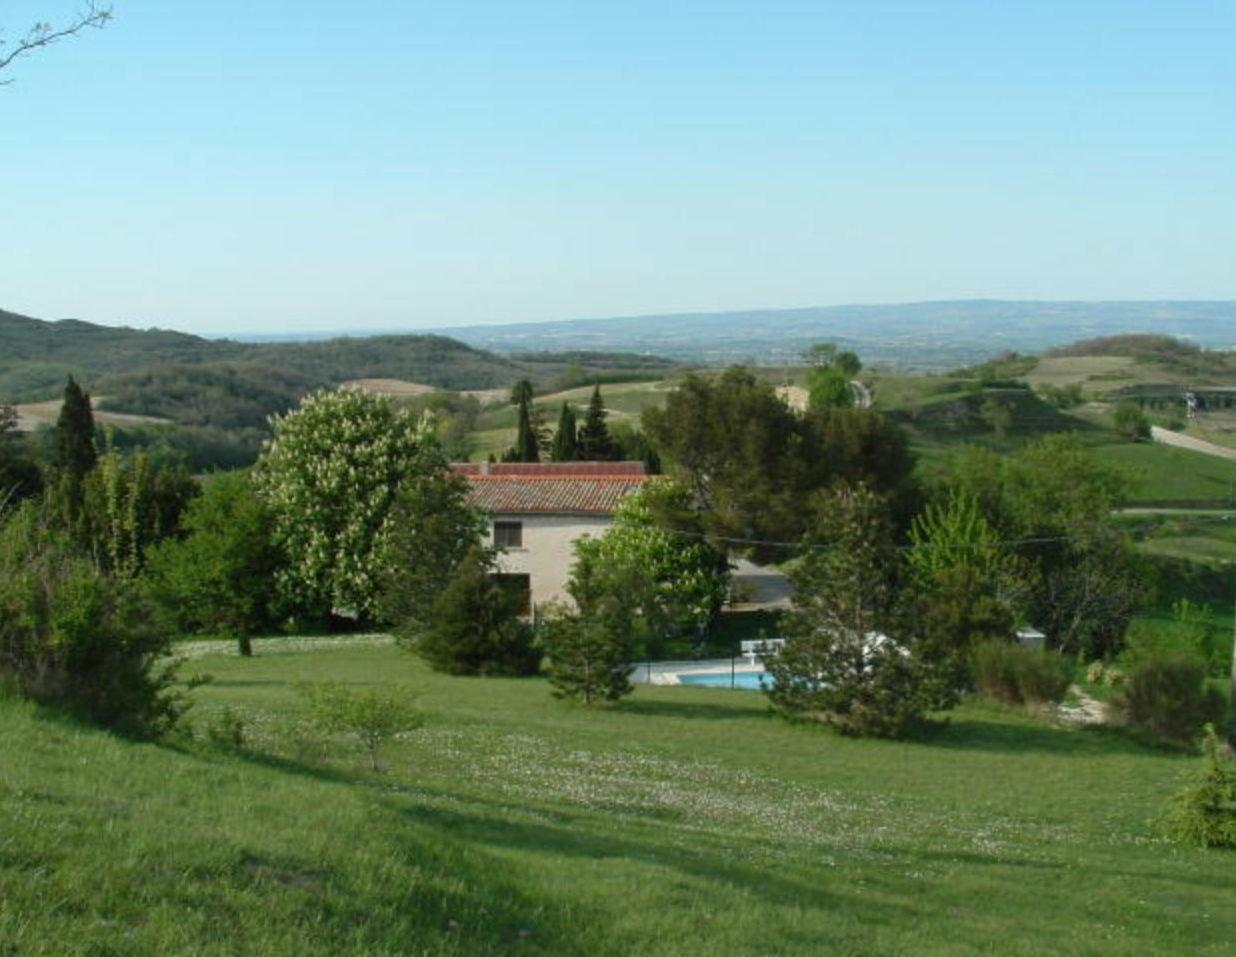 Aude Gite Domaine des Roujoux avec Vue Stupéfiante, Piscine Chauffée & Golf en campagne